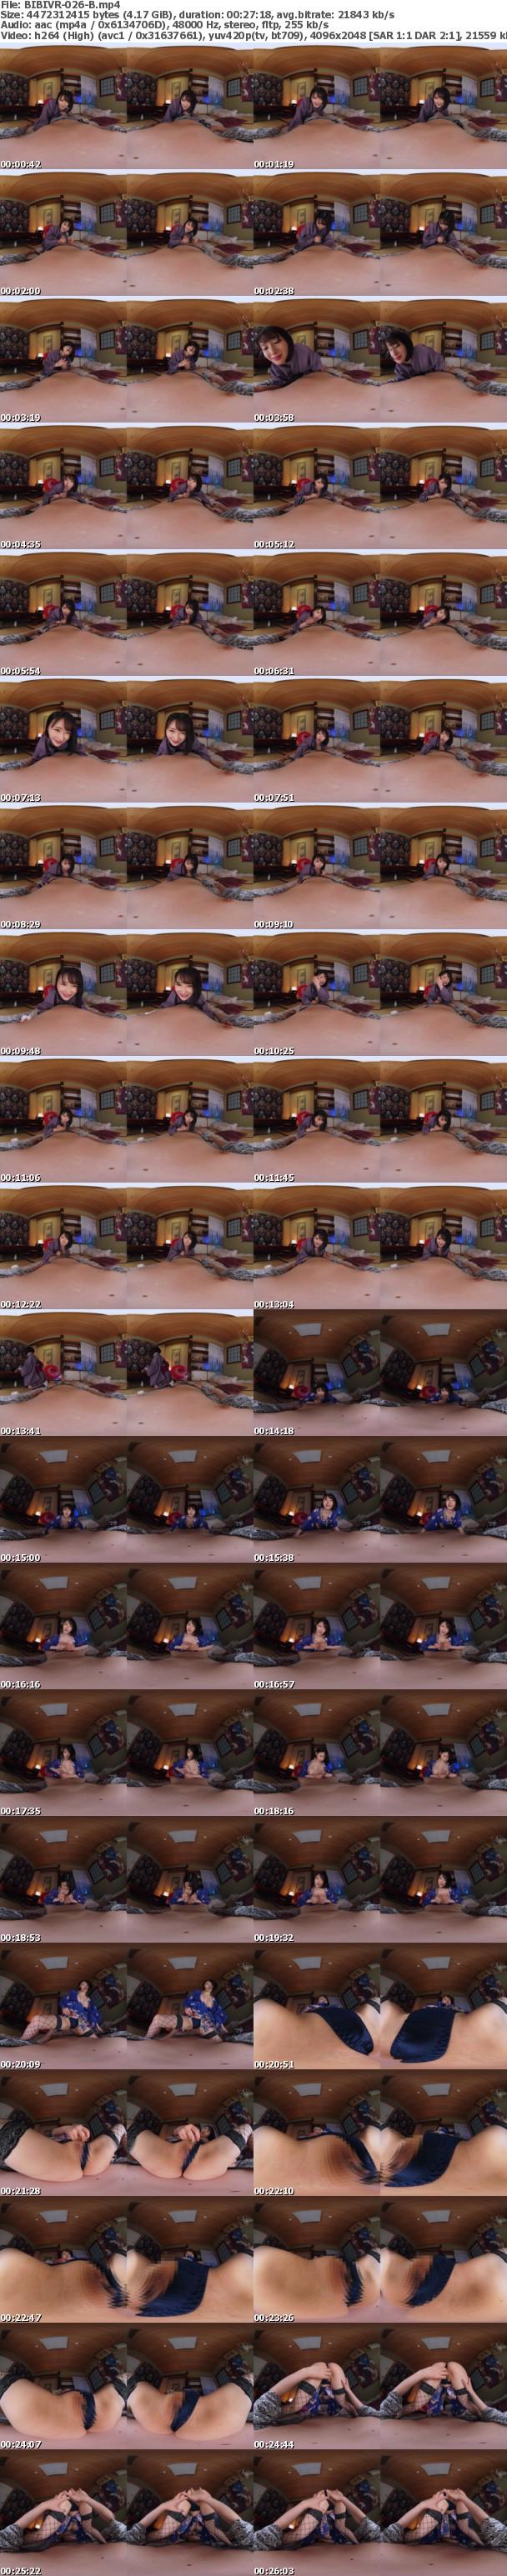 (VR) BIBIVR-026 巨乳×パイパンで男性客を心底イカせる嫐り旅館 るいさん